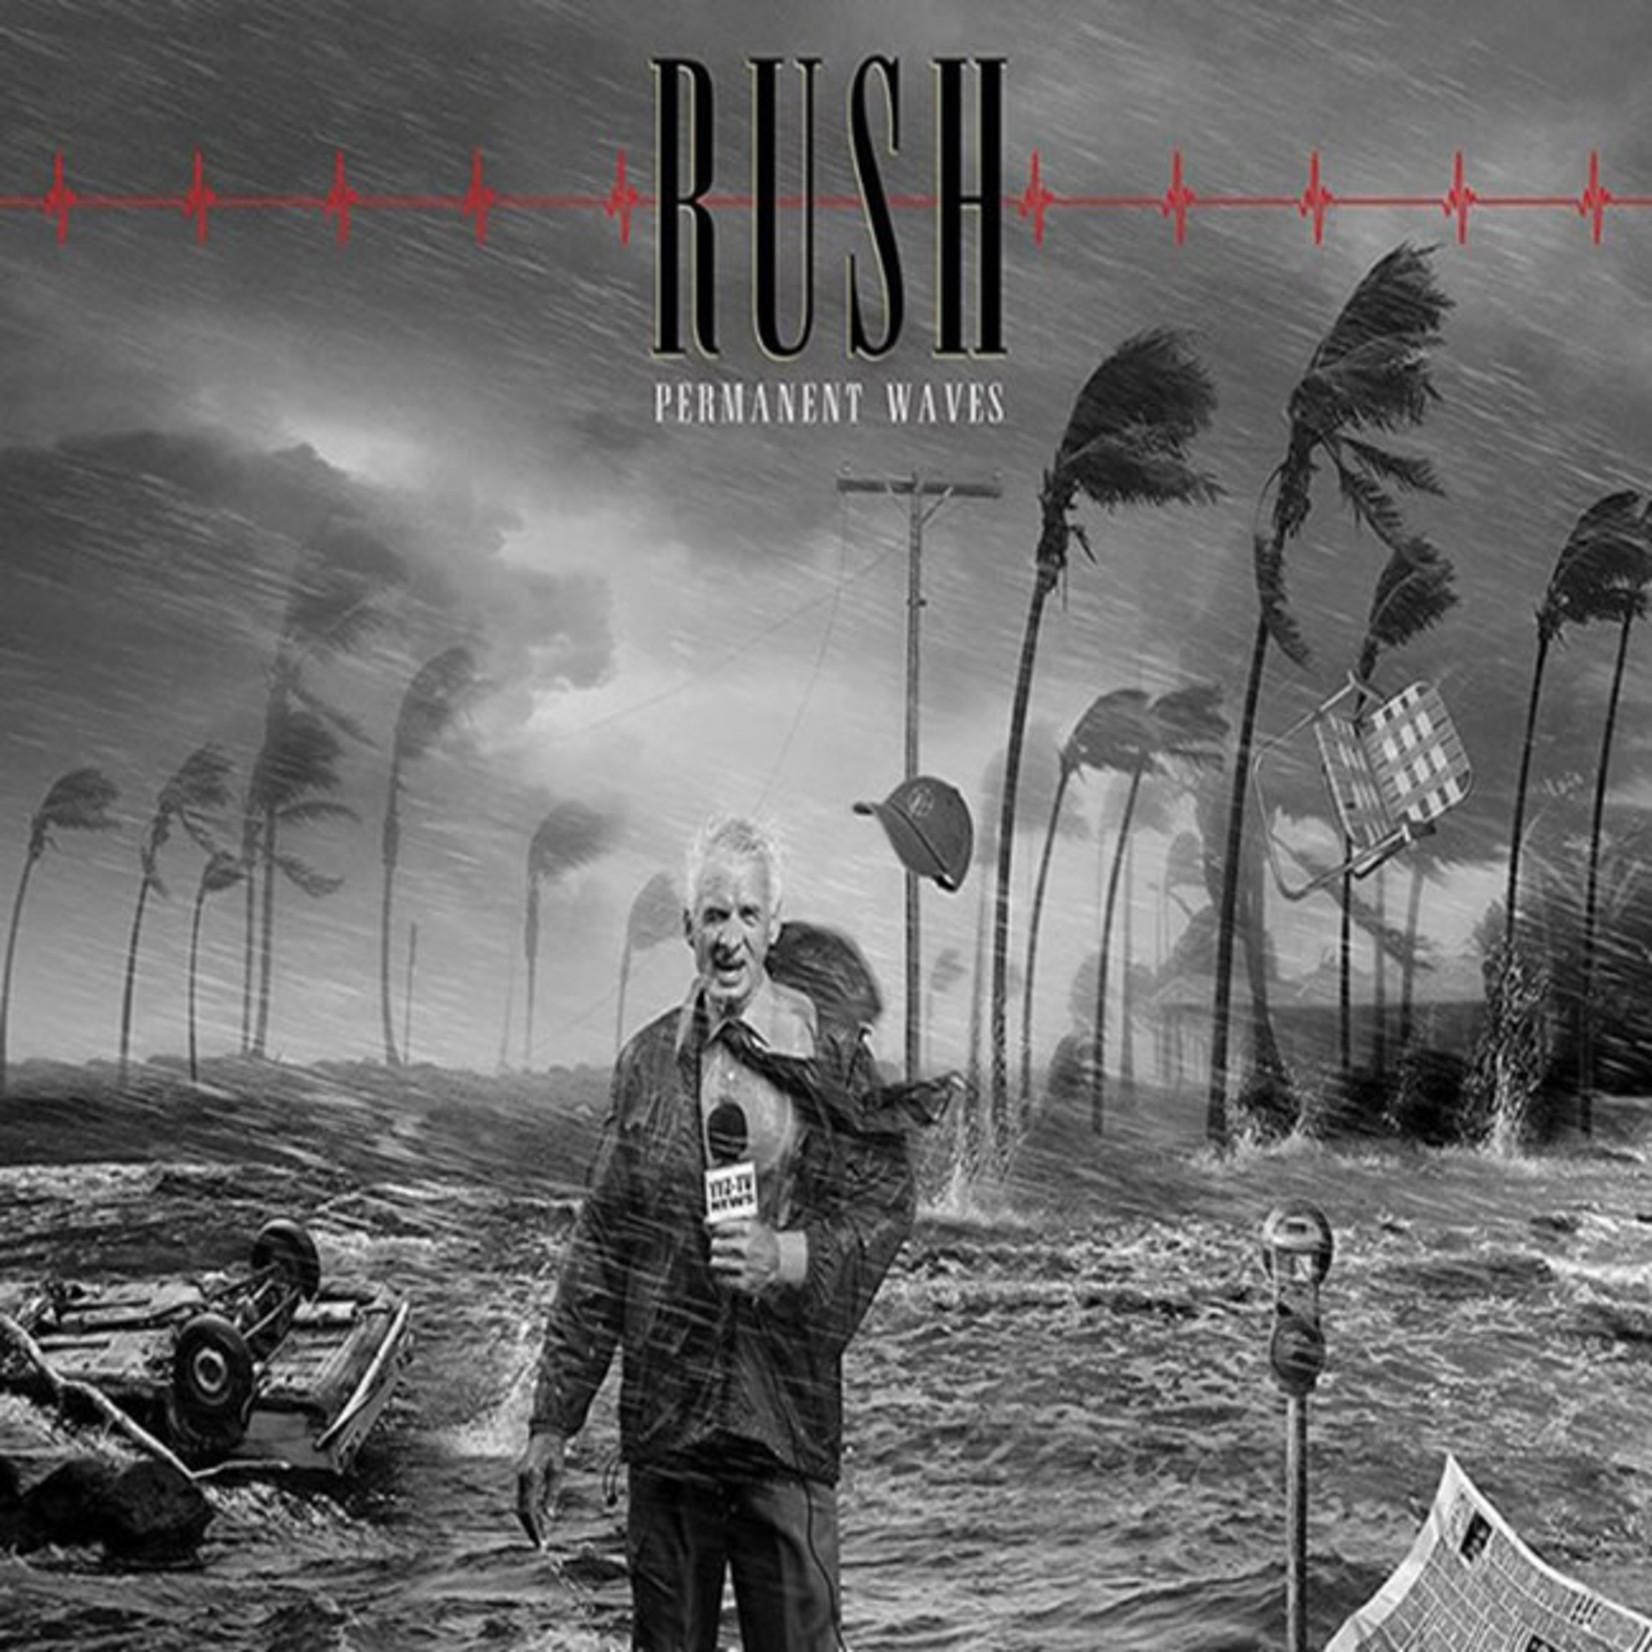 [New] Rush: Permanent Waves (200g)